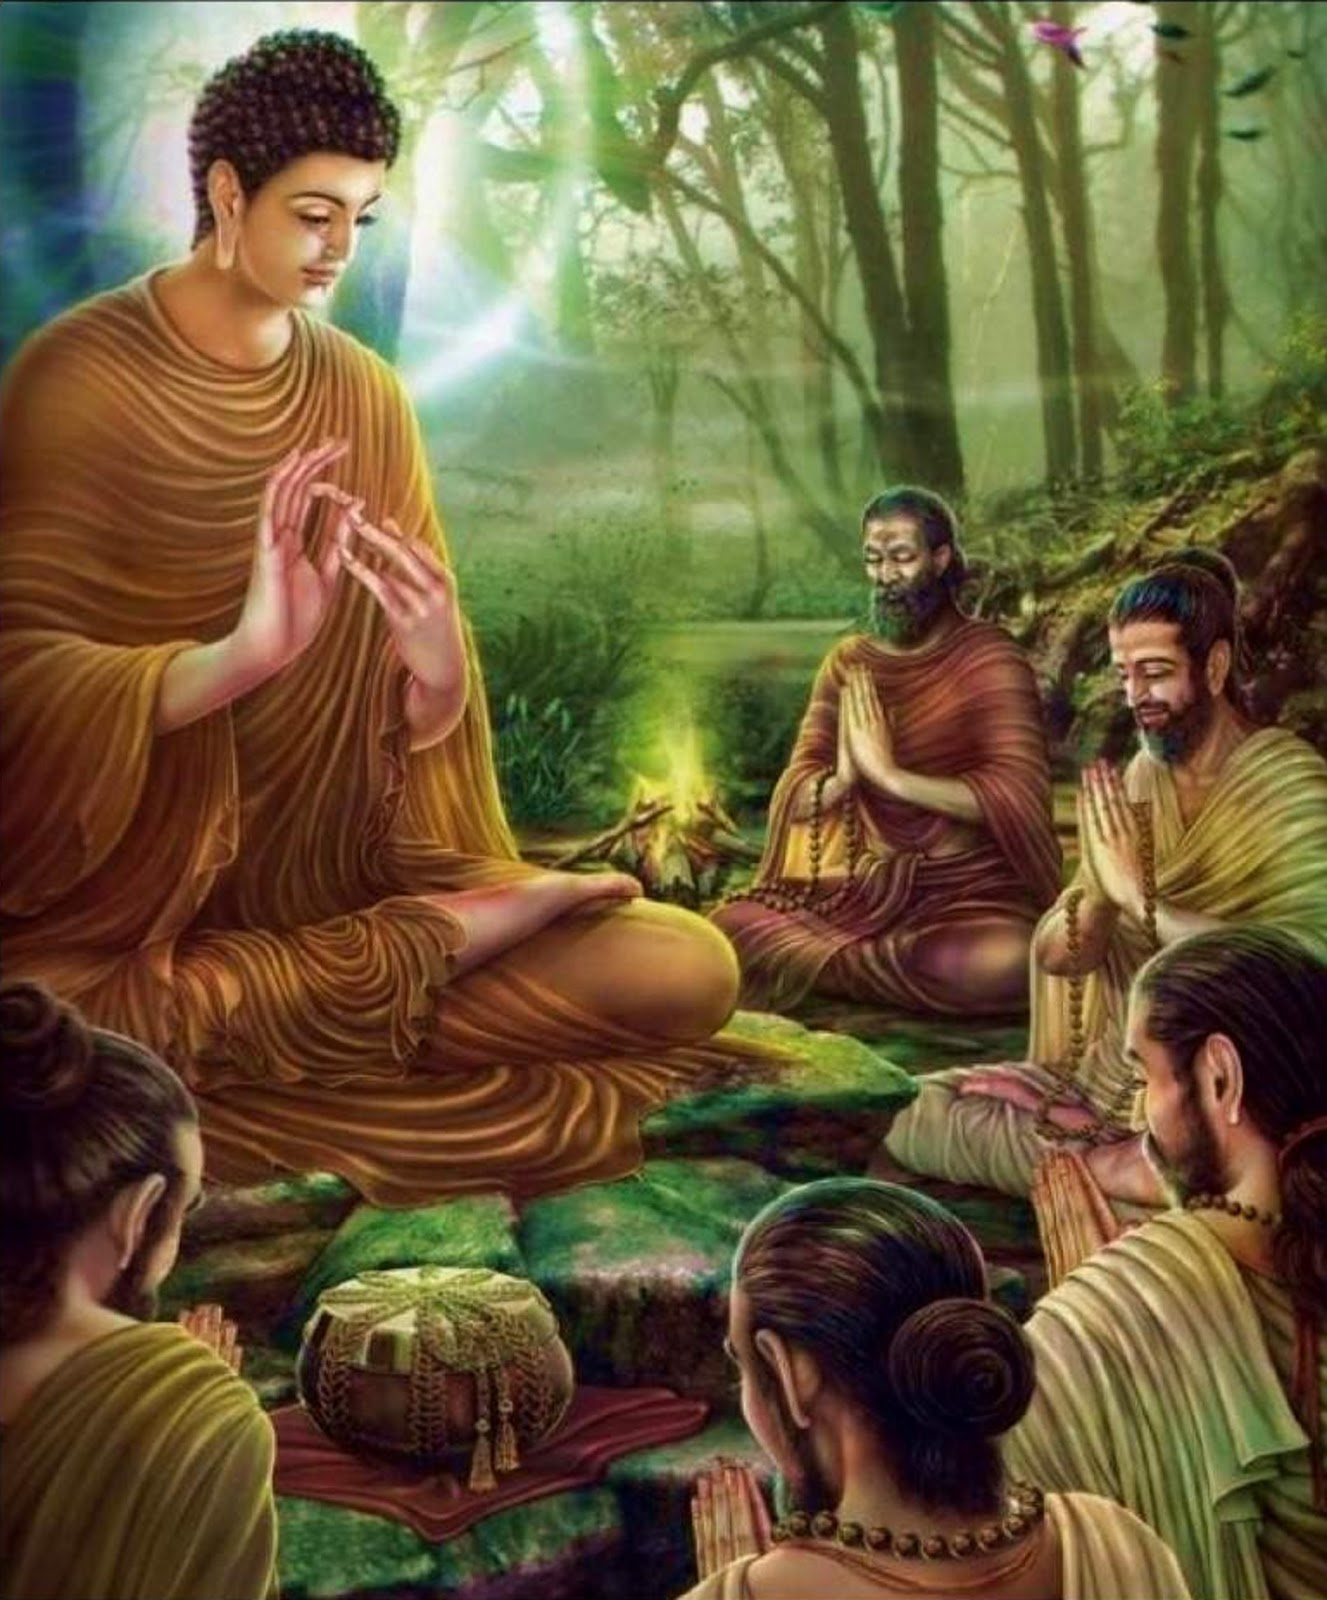 Tình Hình Phật Giáo Sau Khi Đức Phật Nhập Diệt